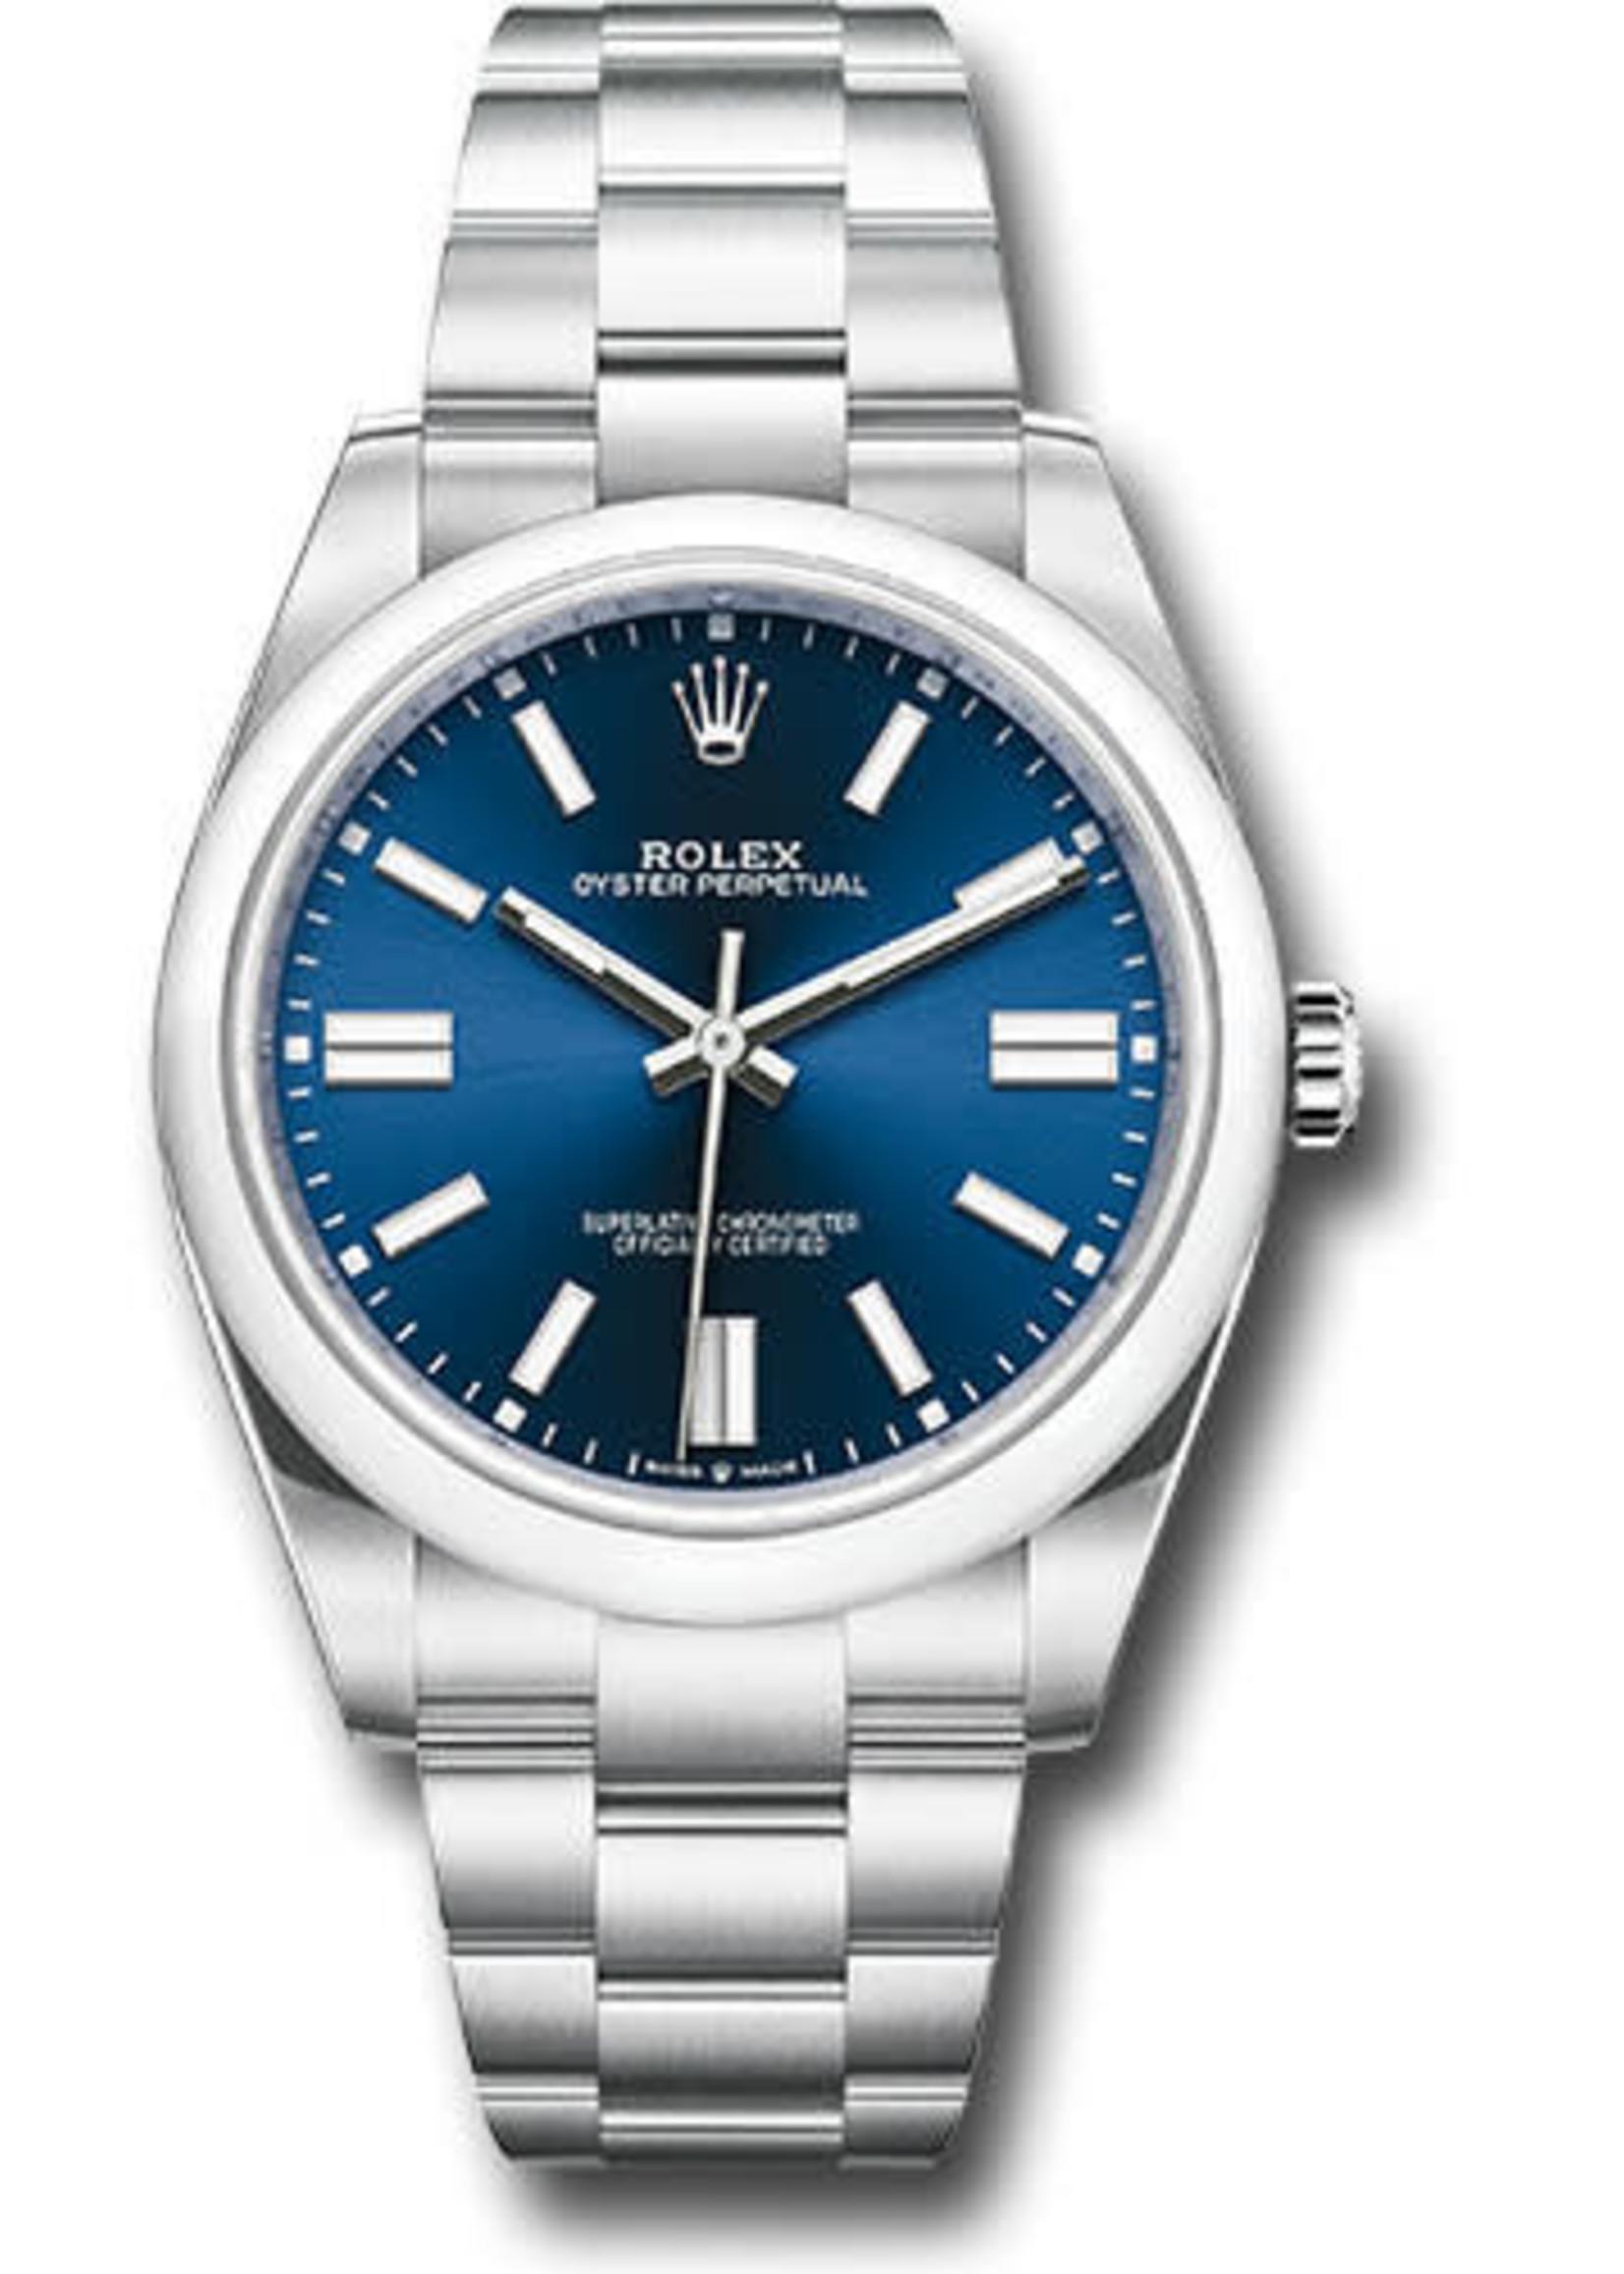 Rolex ROLEX OYSTER PERPETUAL 41MM #124300 (2020 B+P)